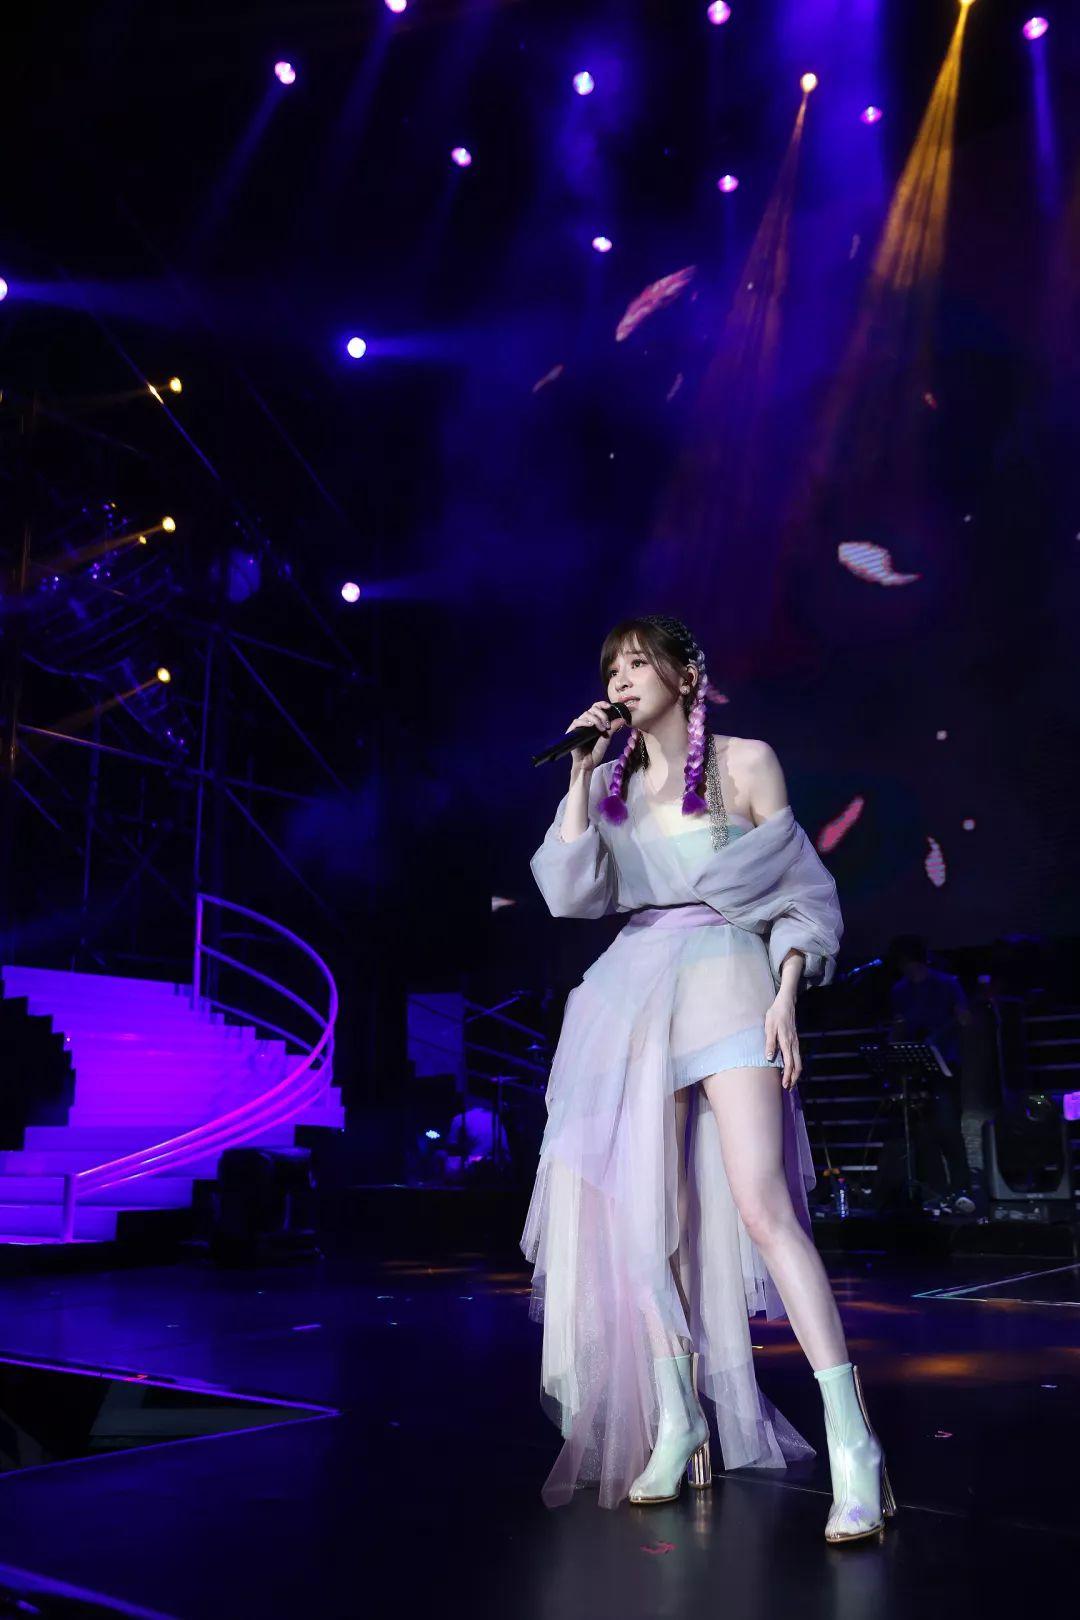 2019王心凌成都演唱会现场回顾 | 仙气绝美,全程大合唱气氛爆棚!